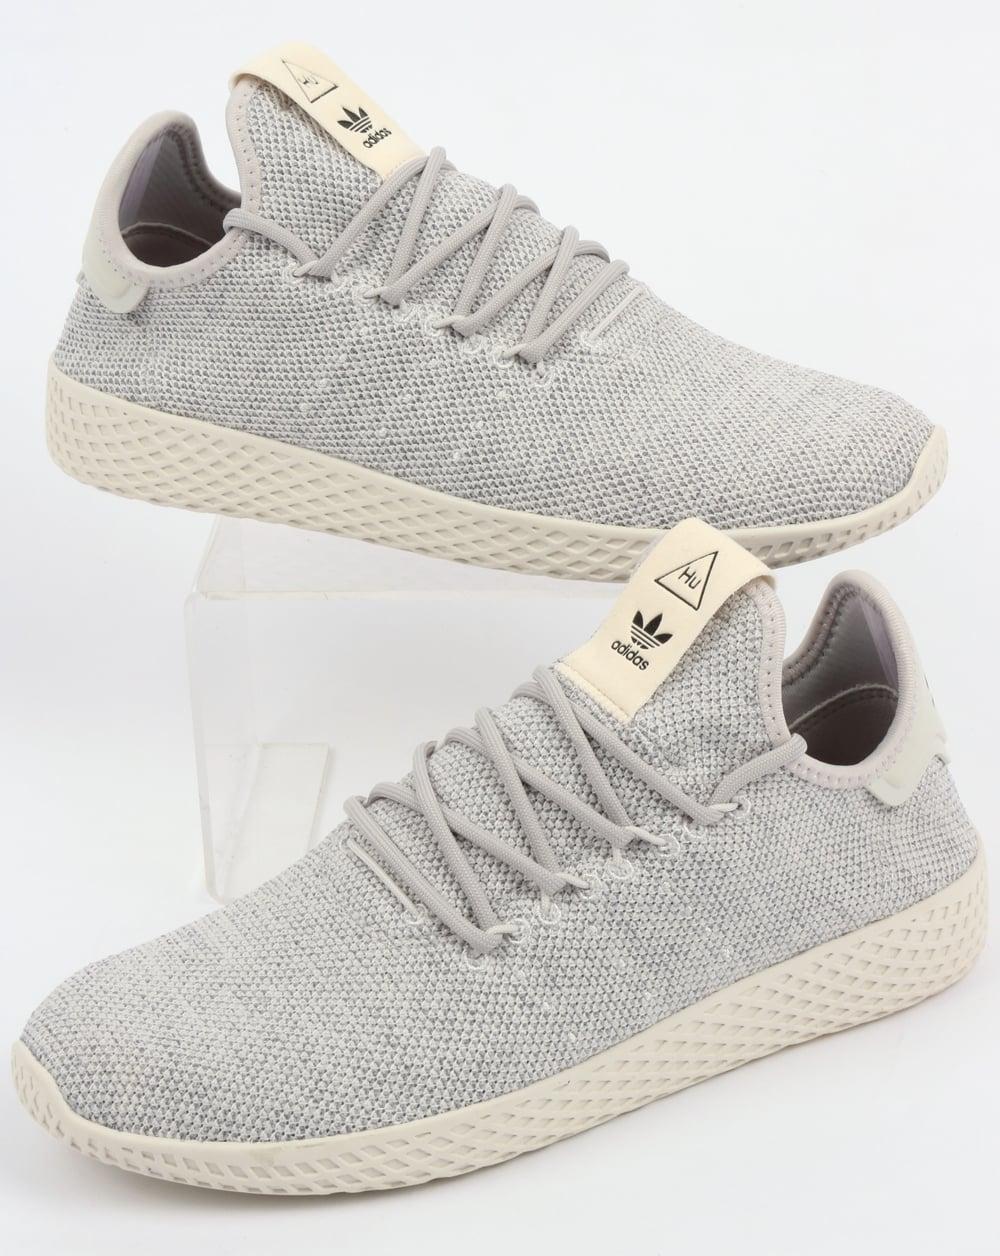 3ae7d5a6ddf9f Adidas PW Tennis HU Trainers Grey White